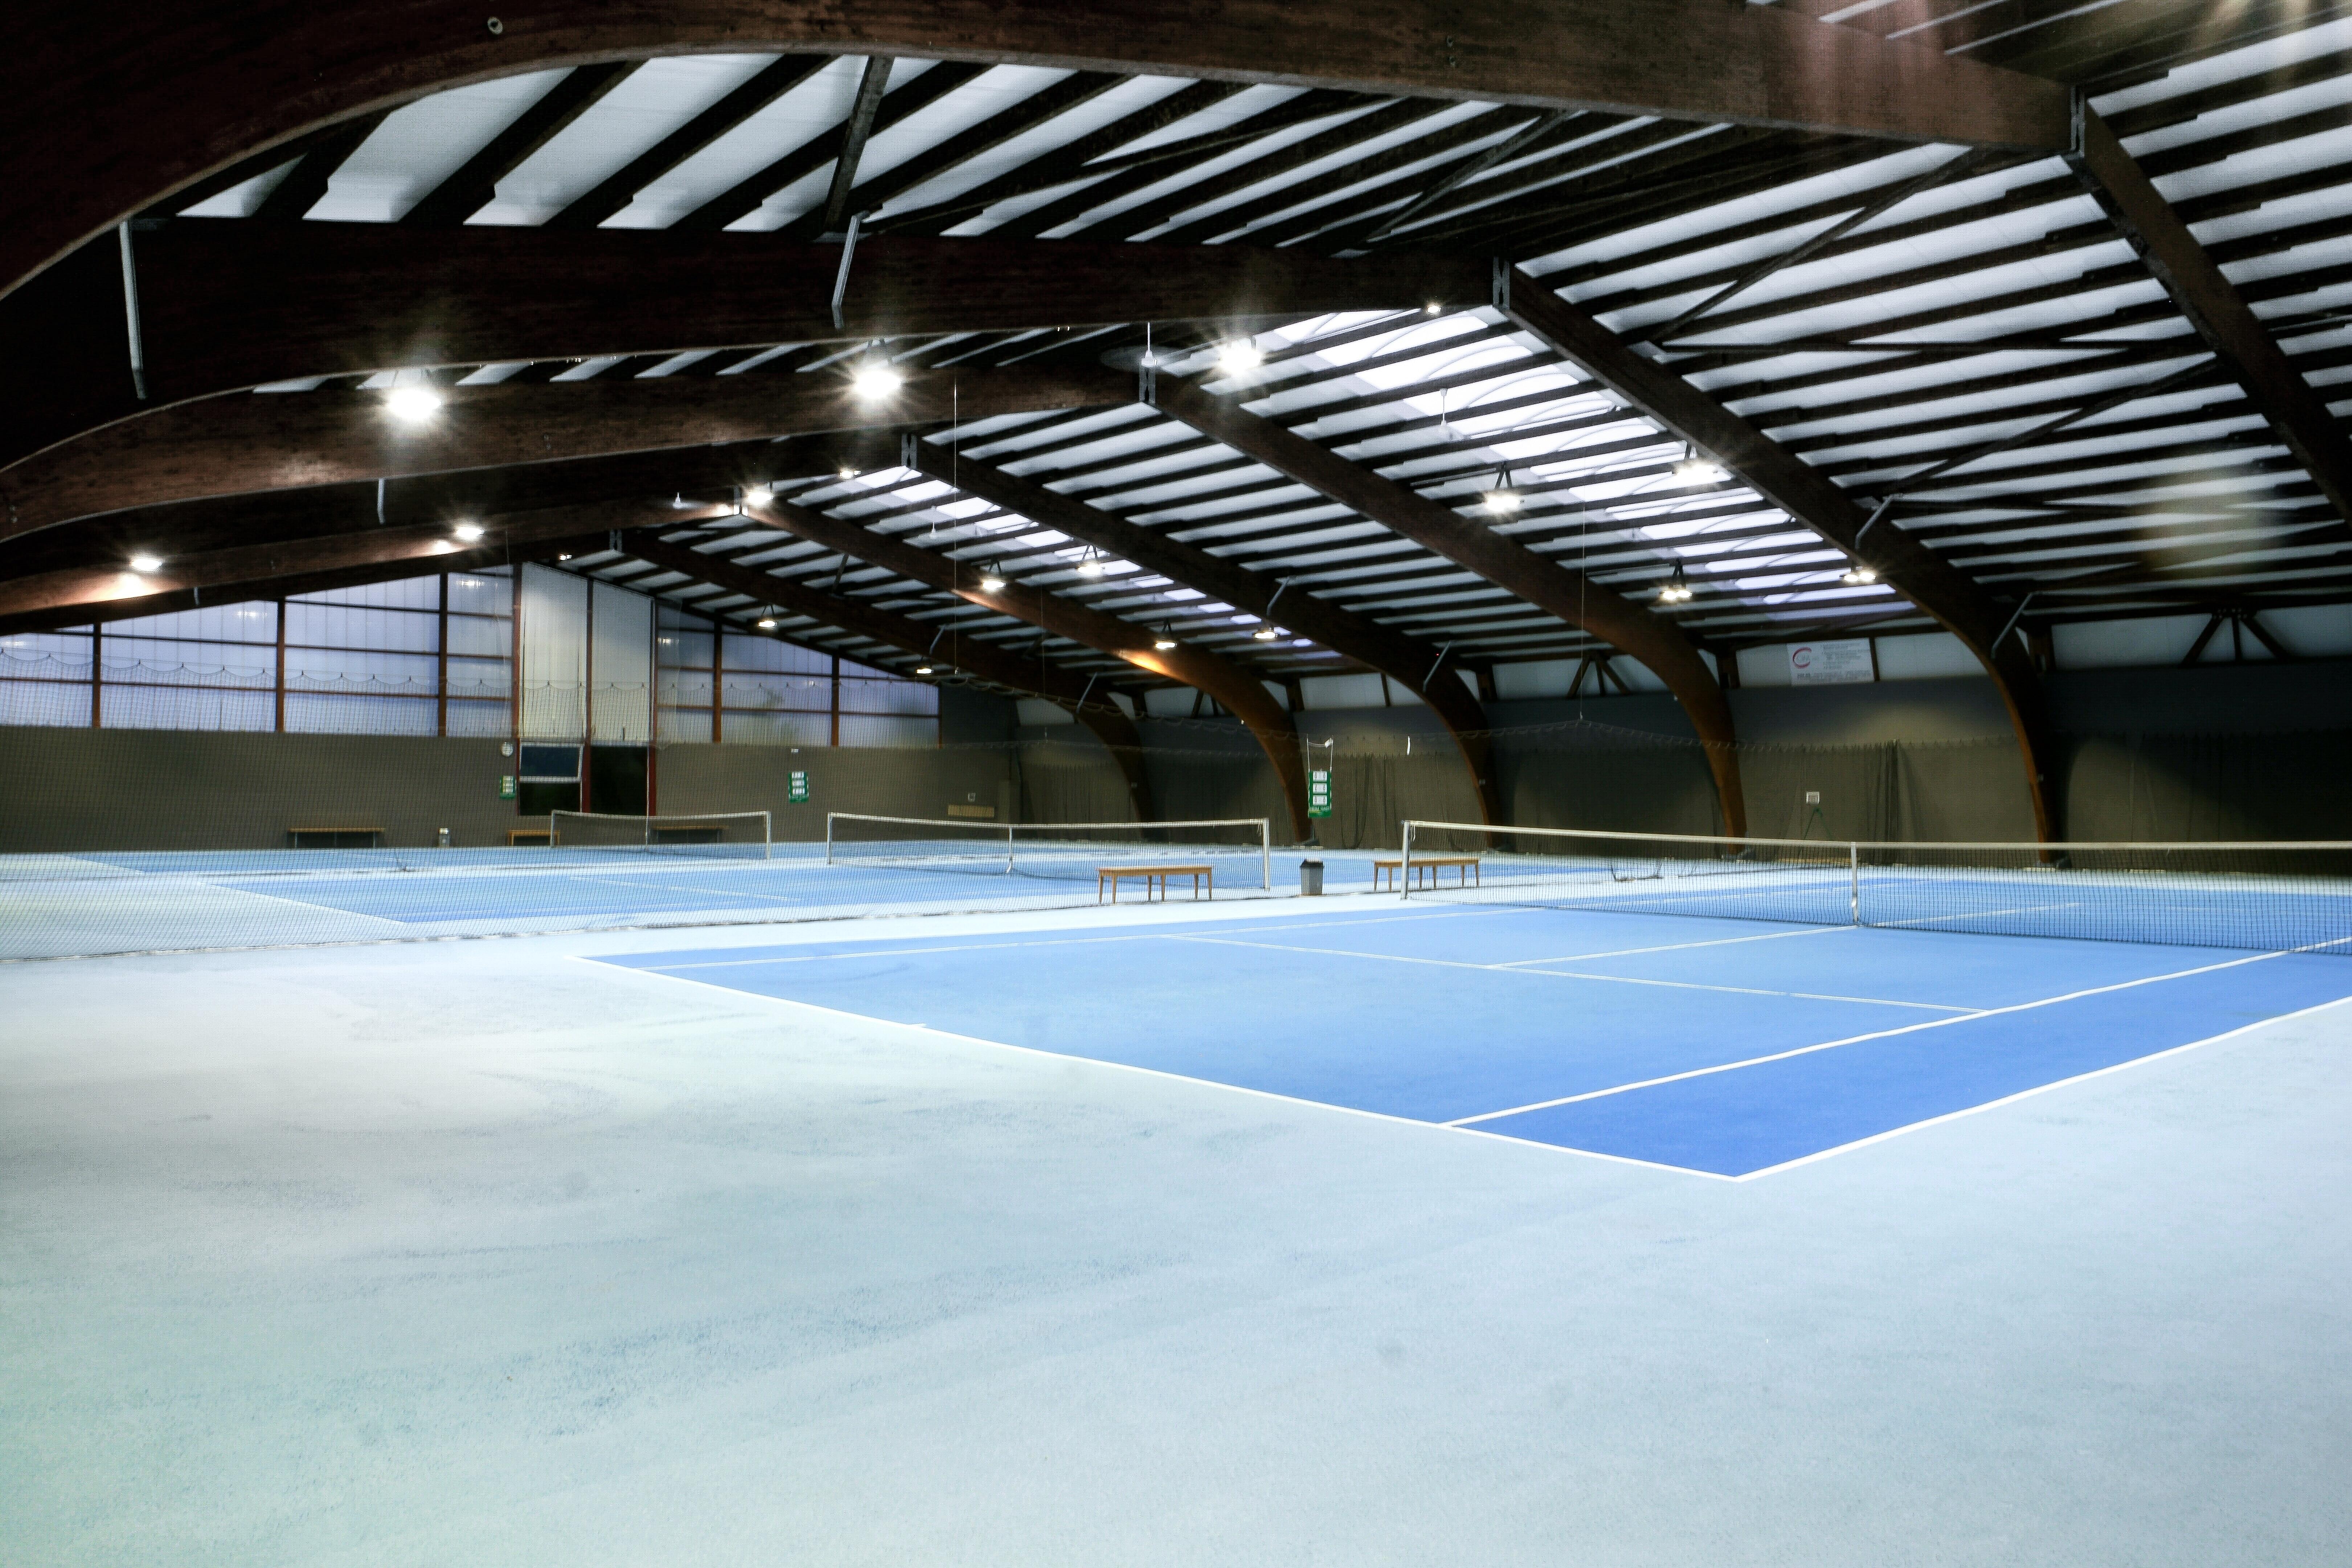 Bild des Innensportplatzes des Sportcenters Rottweil